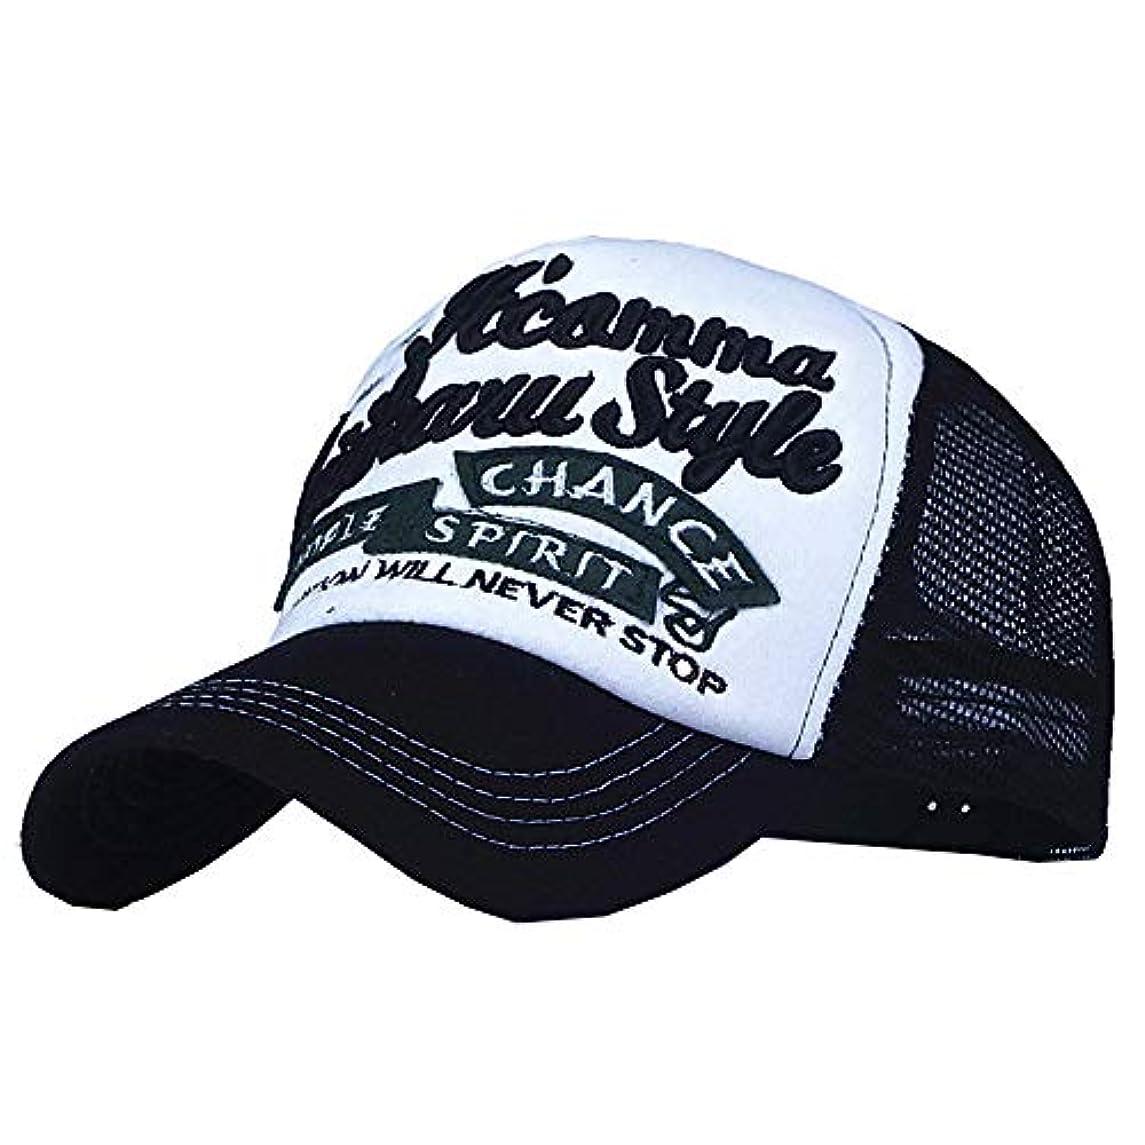 本質的ではない責発明Racazing パッチワーク 野球帽 ヒップホップ メンズ 夏 登山 帽子メッシュ 可調整可能 プラスベルベット 棒球帽 UV 帽子 軽量 屋外 Unisex 鸭舌帽 Hat Cap